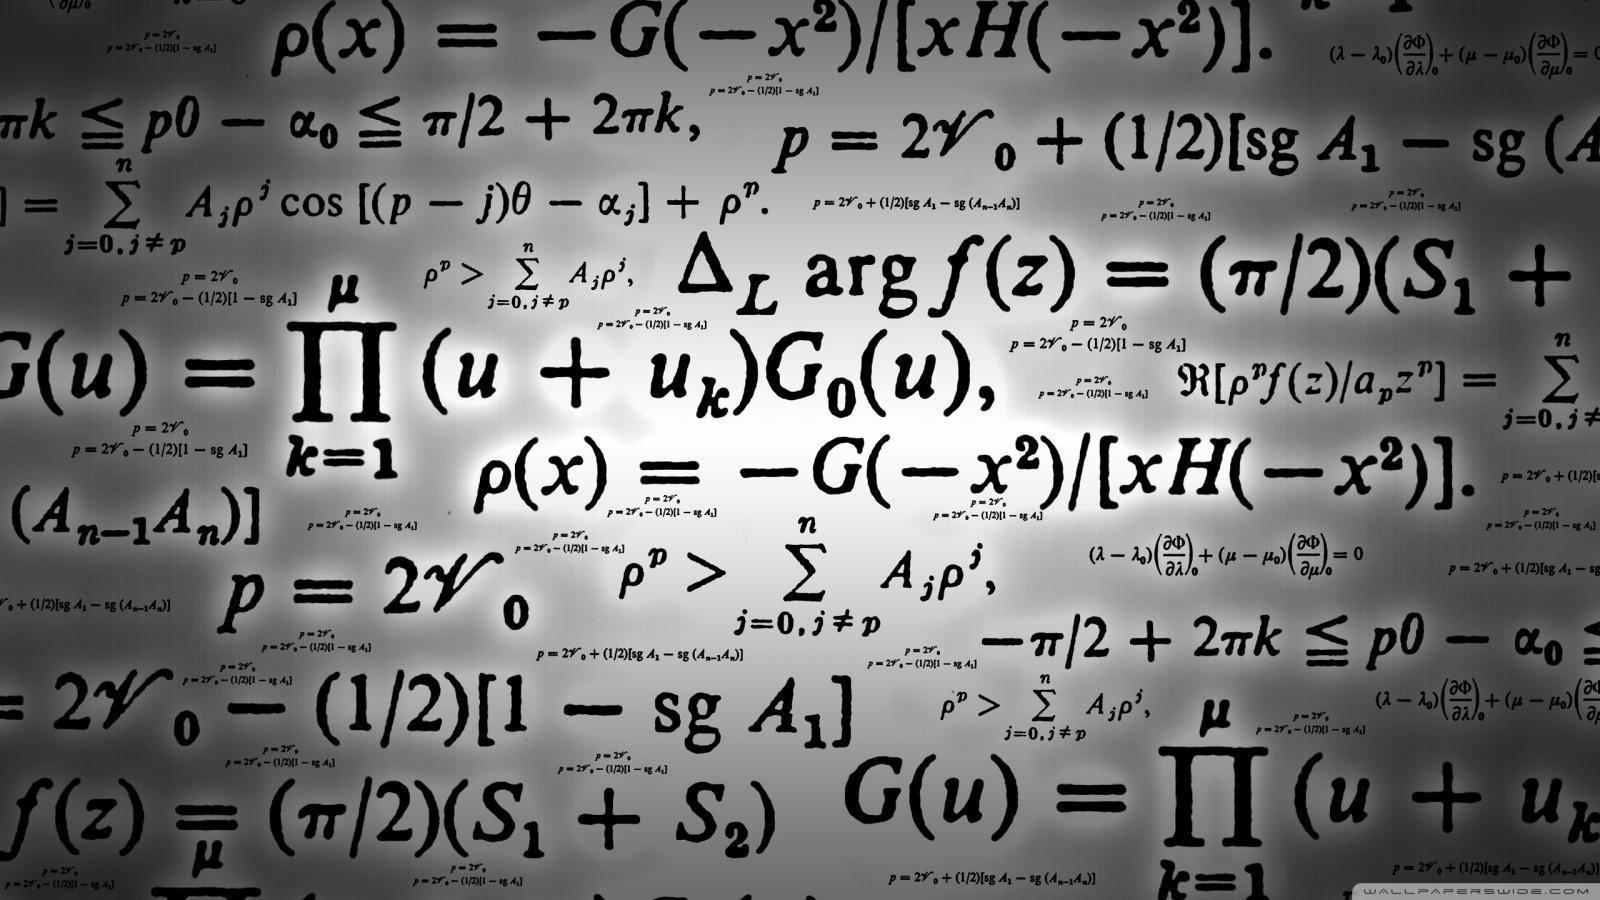 معادله دیفرانسیل ریکاتی